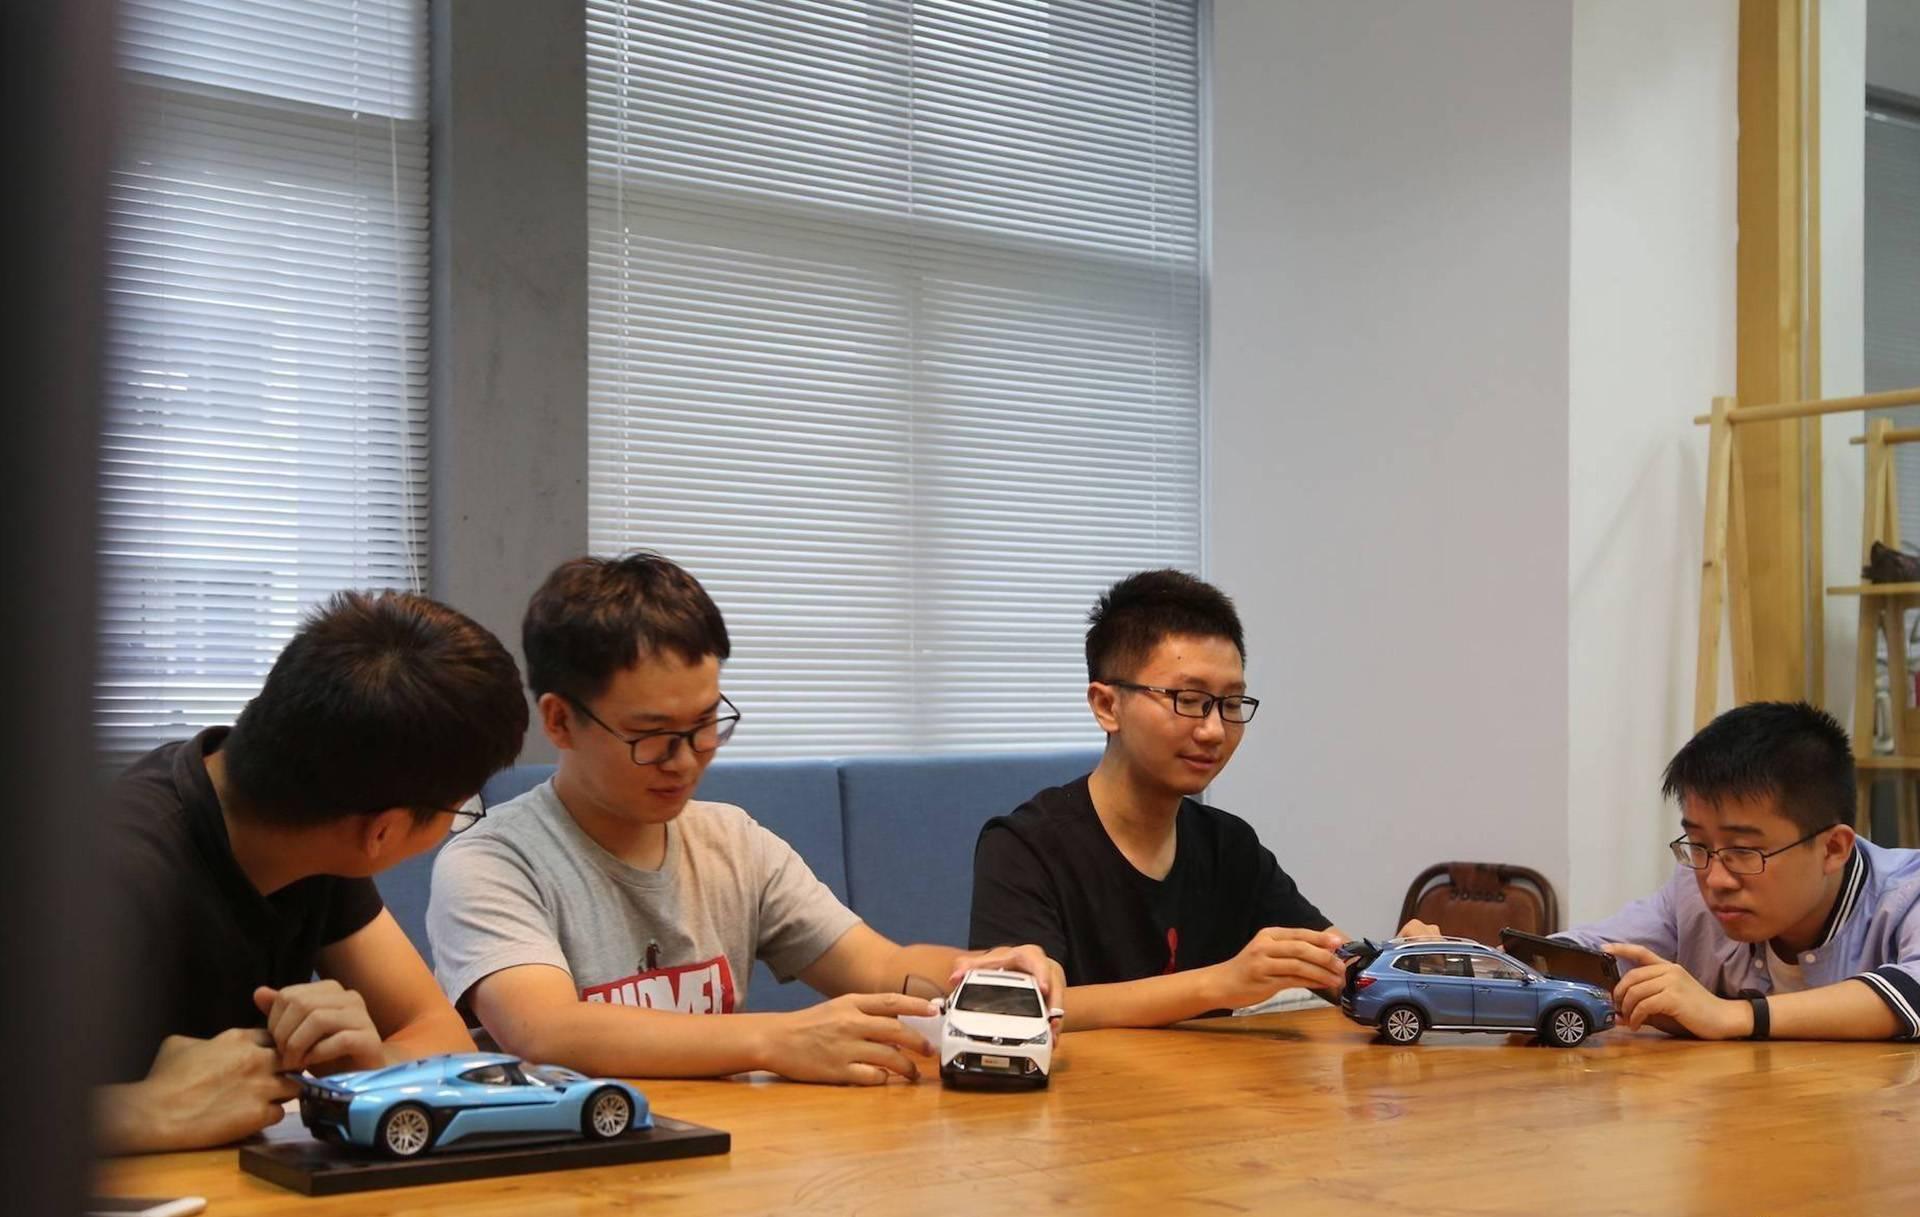 续航能力超 400 km的电动车你选谁?